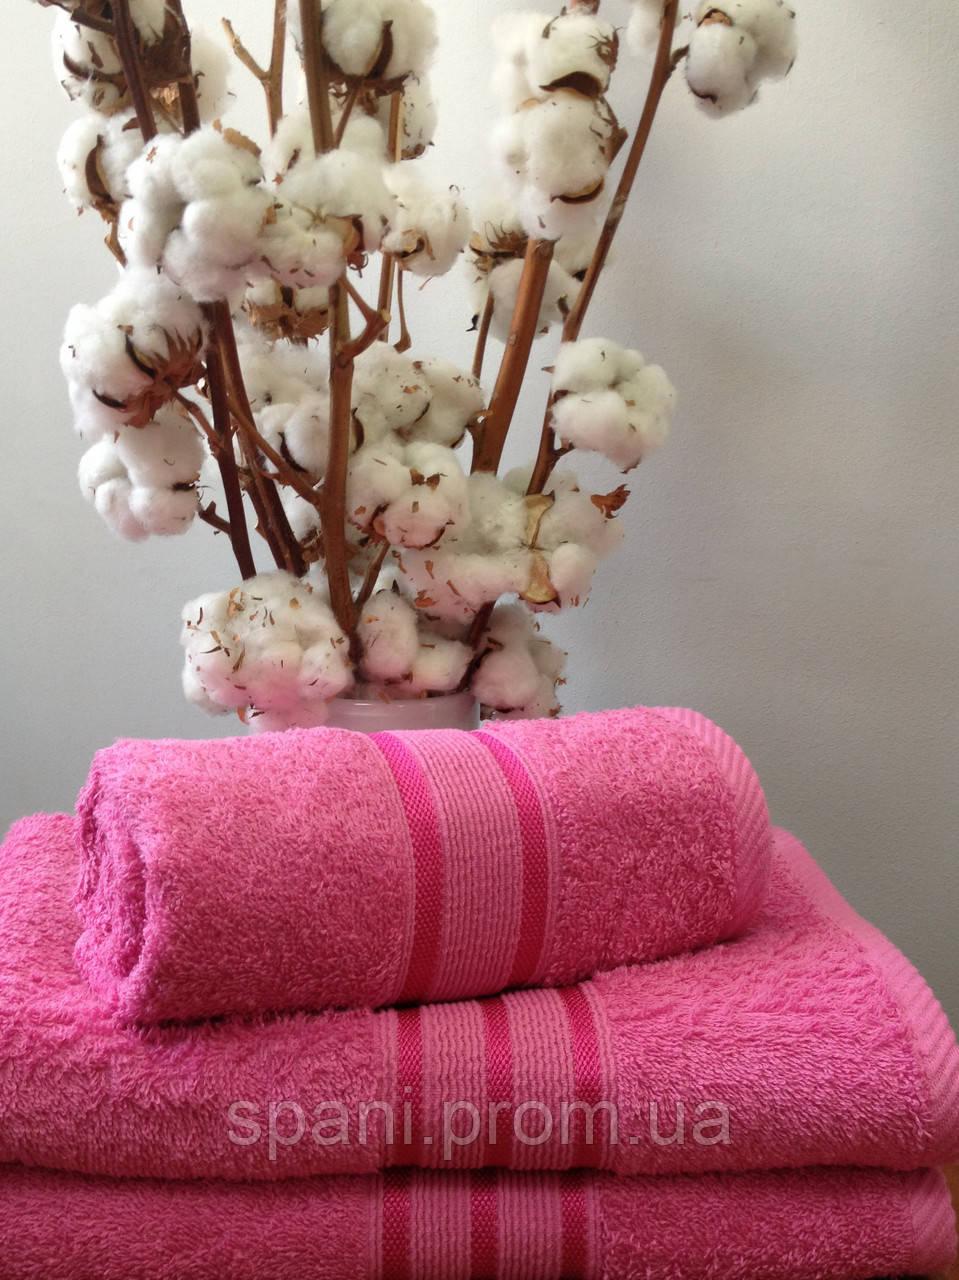 Махровое полотенце 70х140, 100% хлопок 550 гр/м2, Пакистан, Розовый